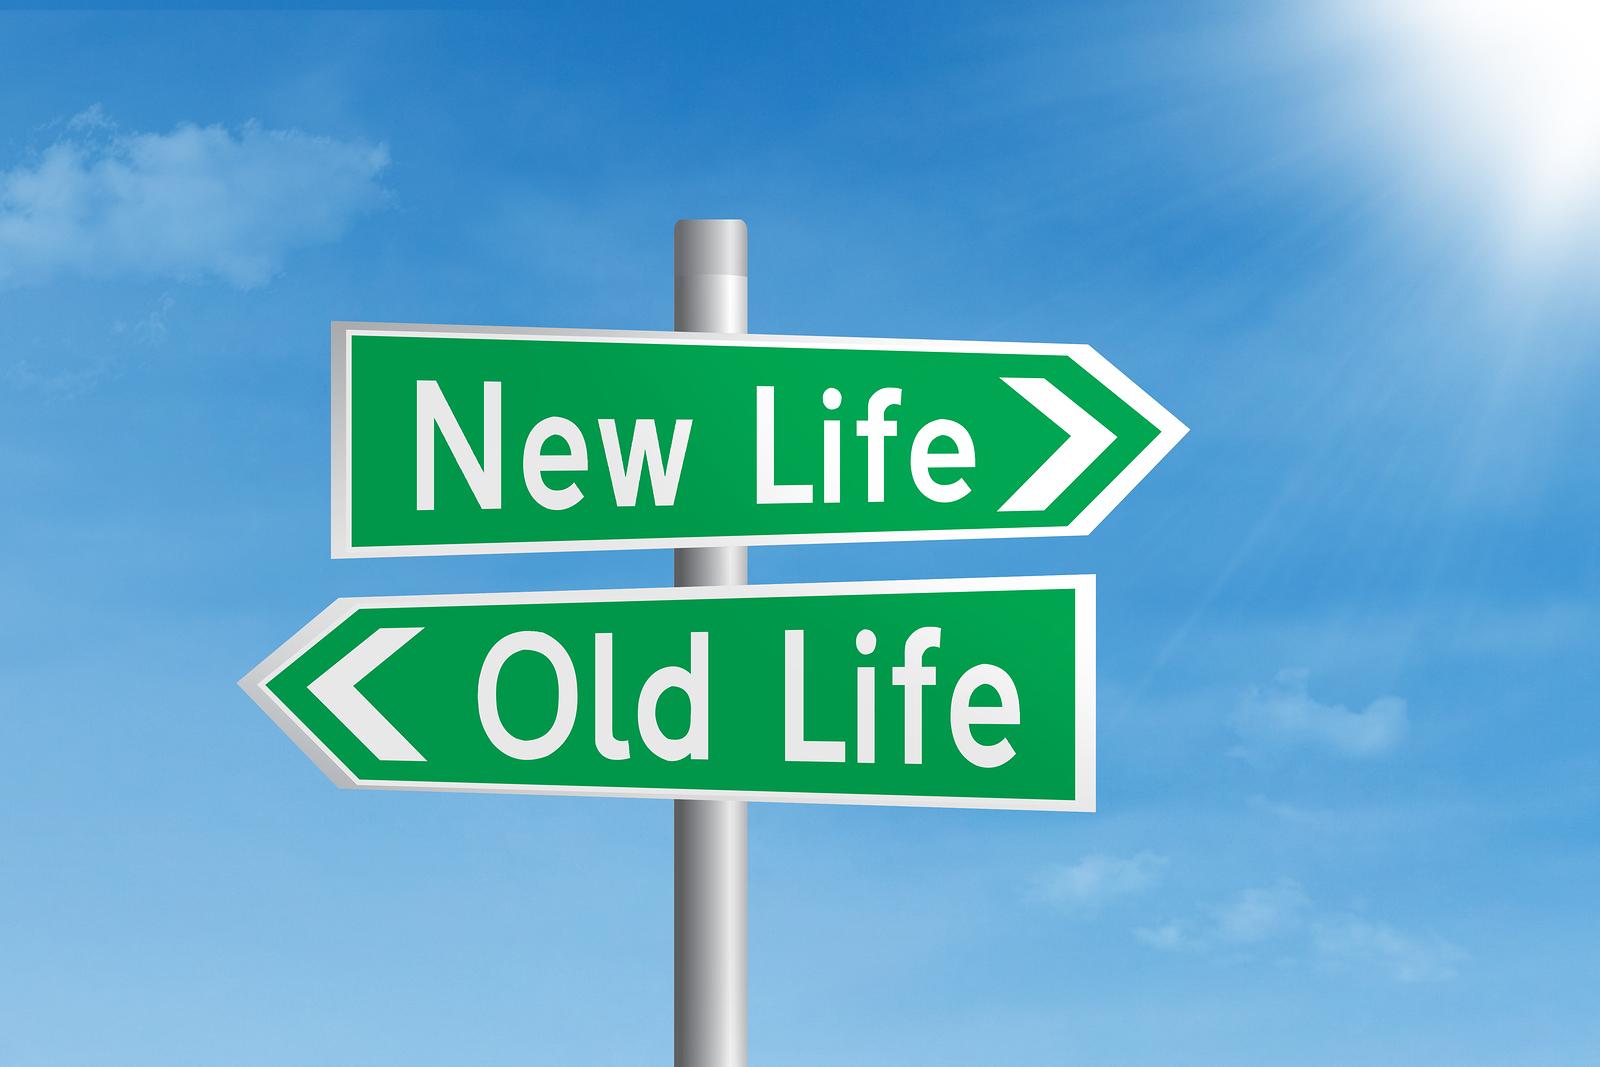 كيف تبدأ حياة جديدة